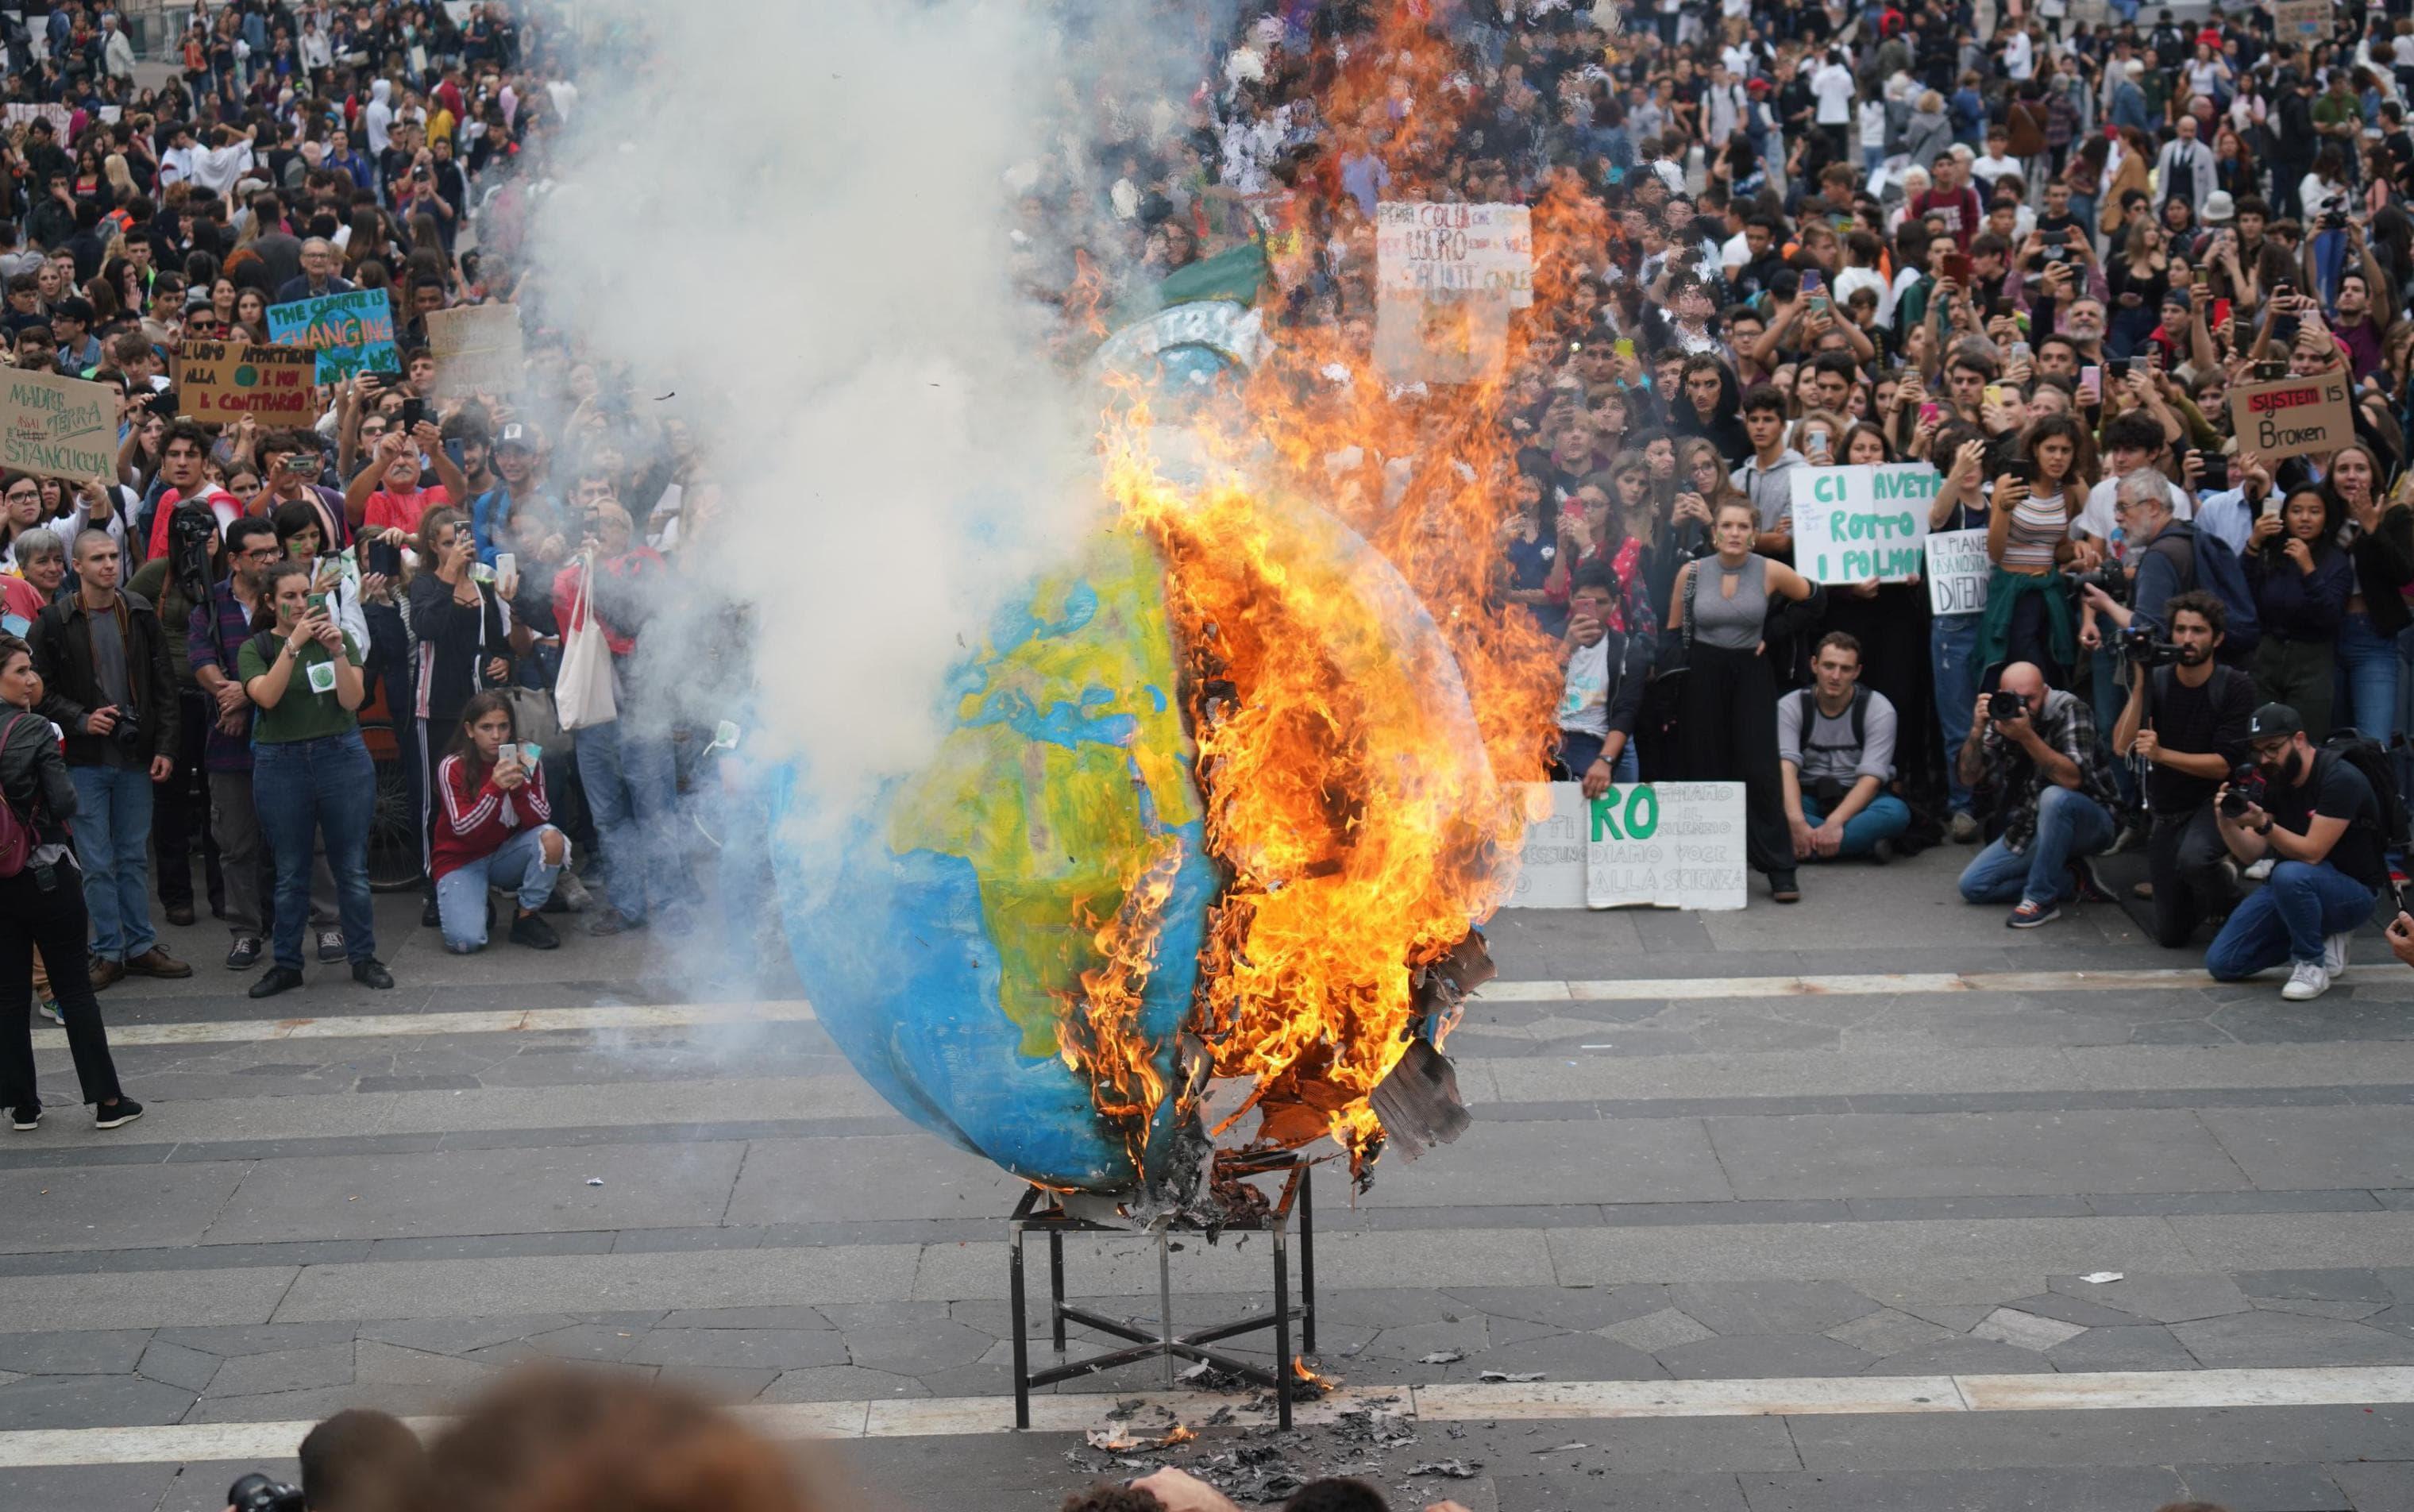 Студенты подожгли точную копию планеты Земля во время всемирной акции протеста против изменения климата вМилане, северная Италия, 27 сентября 2019 года. Протесты вдохновлены речью 16-летней активистки Греты Тунберг насаммите Организации Объединенных Наций.